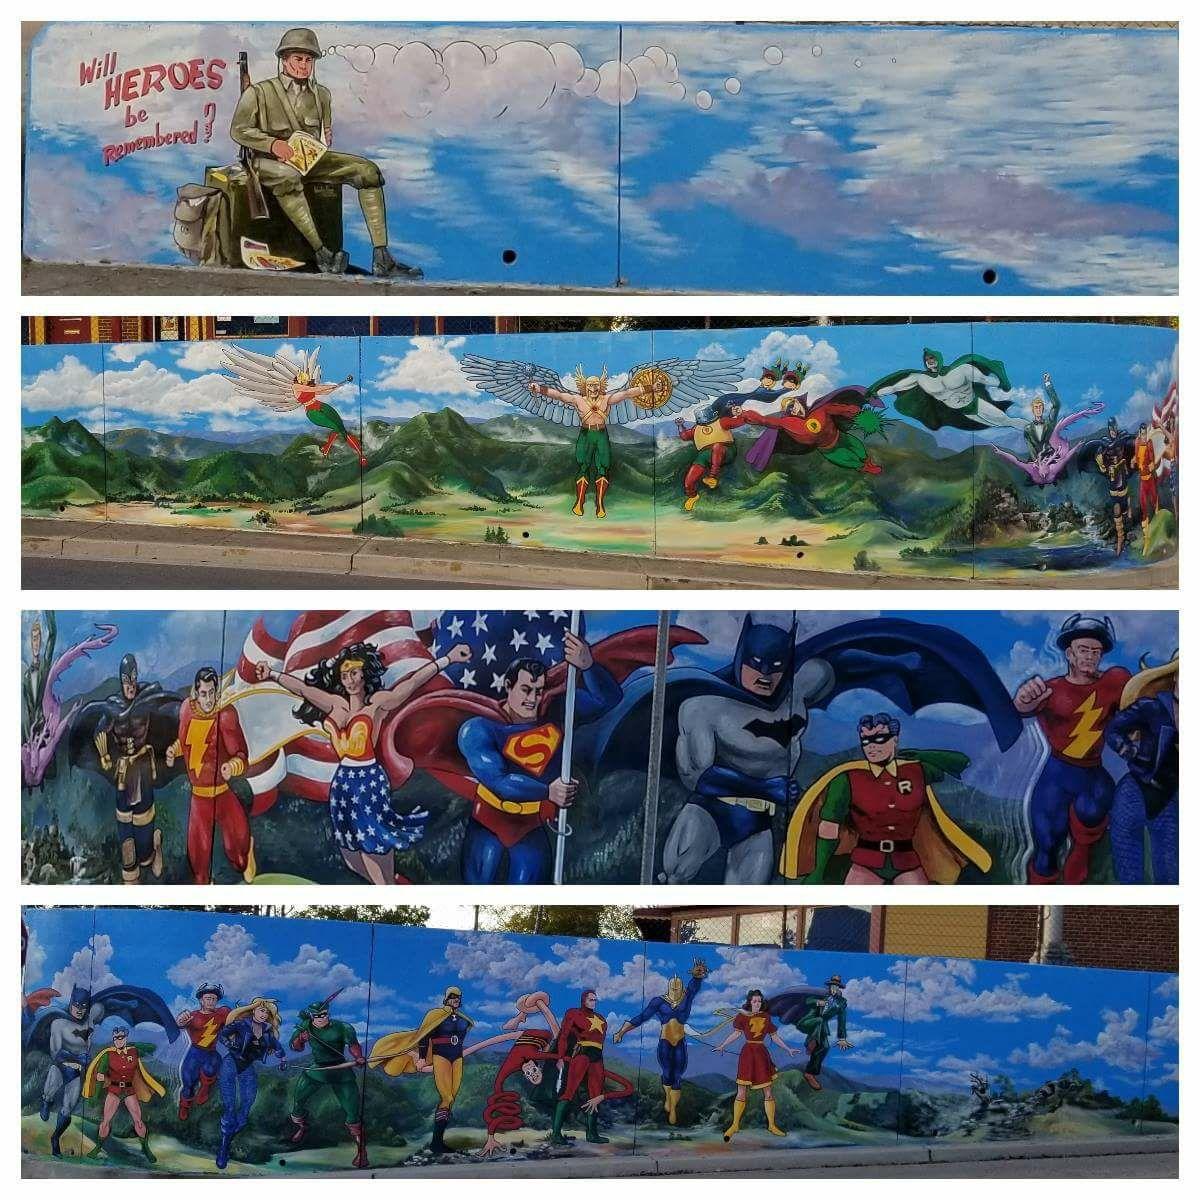 maryville tn superhero mural - Mural de superhéroes de la Edad de Oro adorna una pared en Maryville